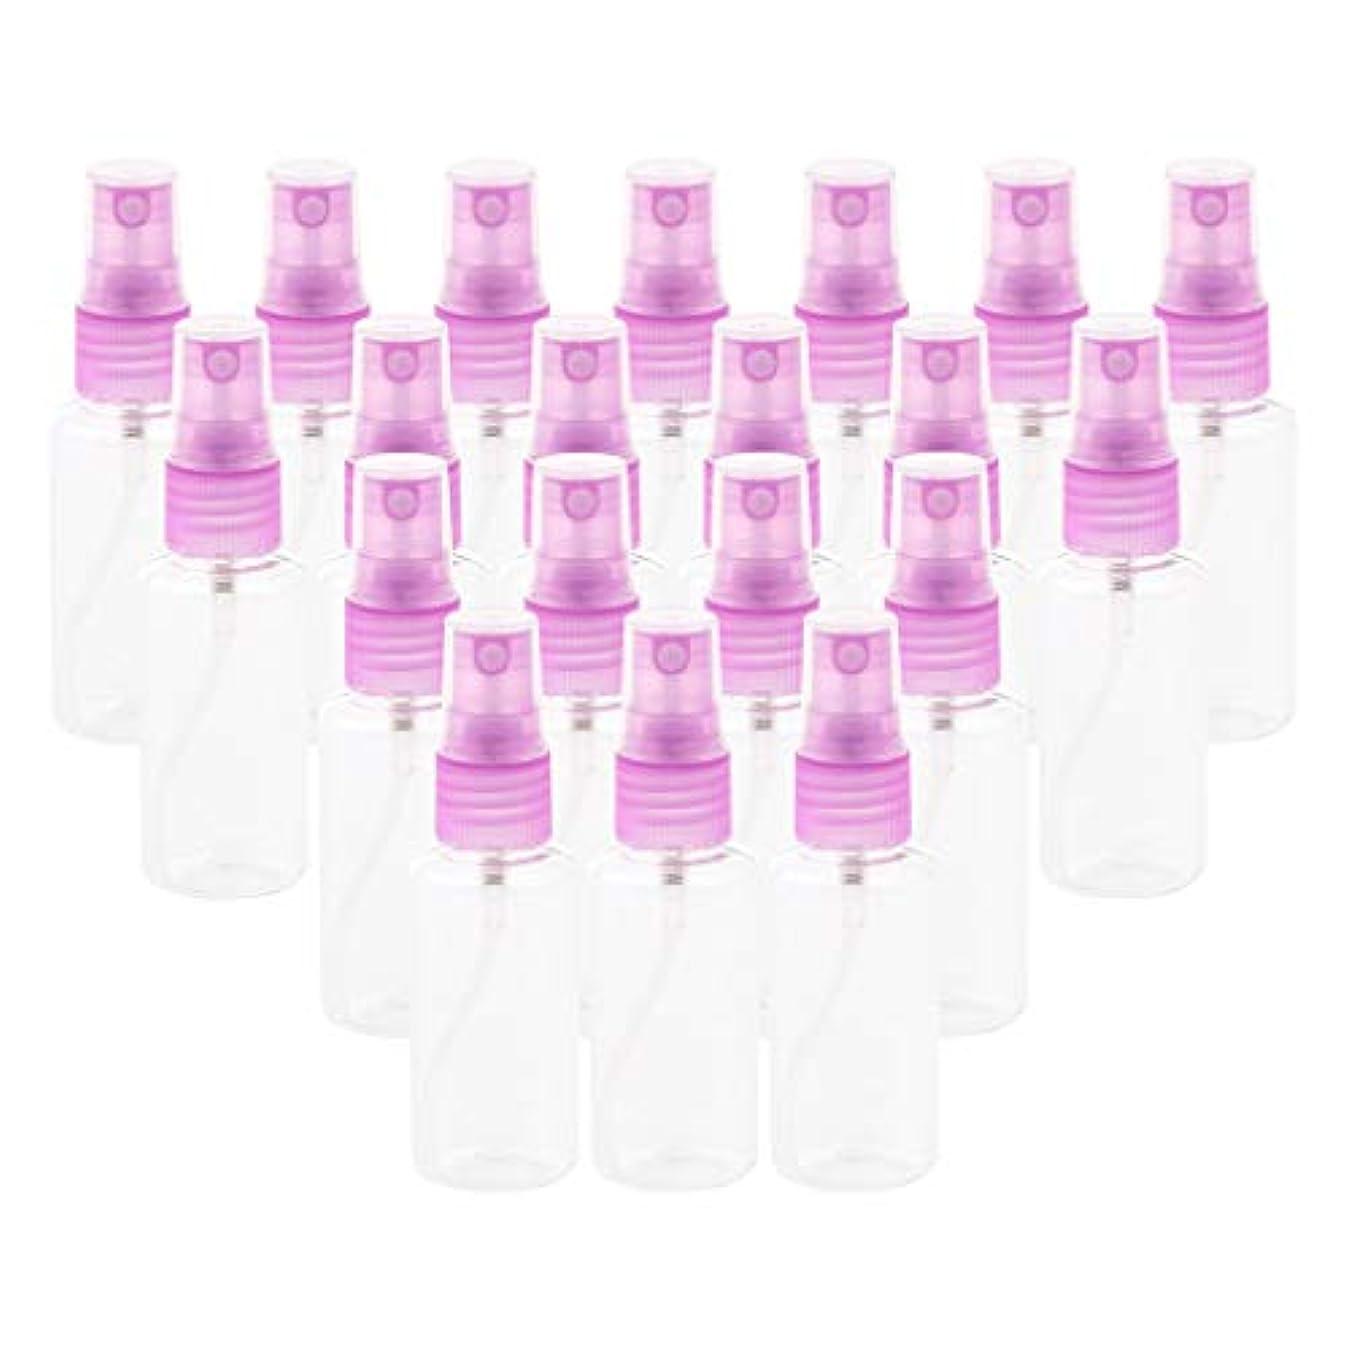 ラッシュおじいちゃんプランテーションCUTICATE 約20個 30ml 化粧小分け容器 トラベル用ボトル 詰替ボトル スプレーボトル 旅行用 全3色 - 紫